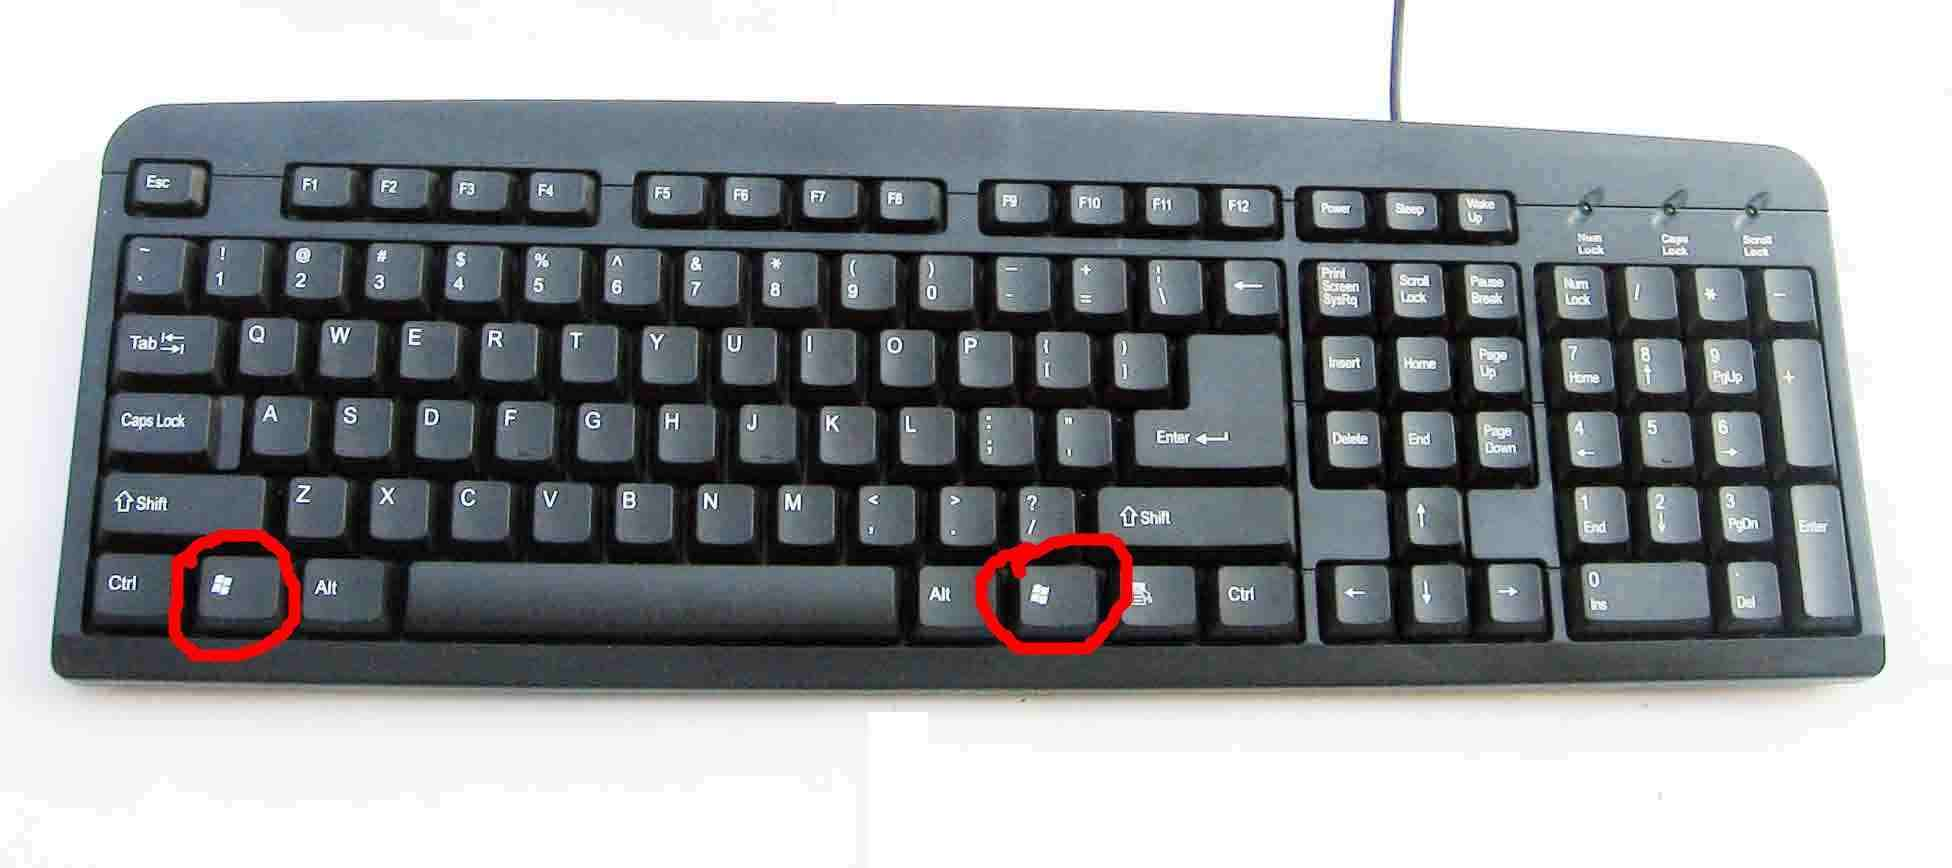 图解笔记本键盘和台式键盘中的开始键所在位置